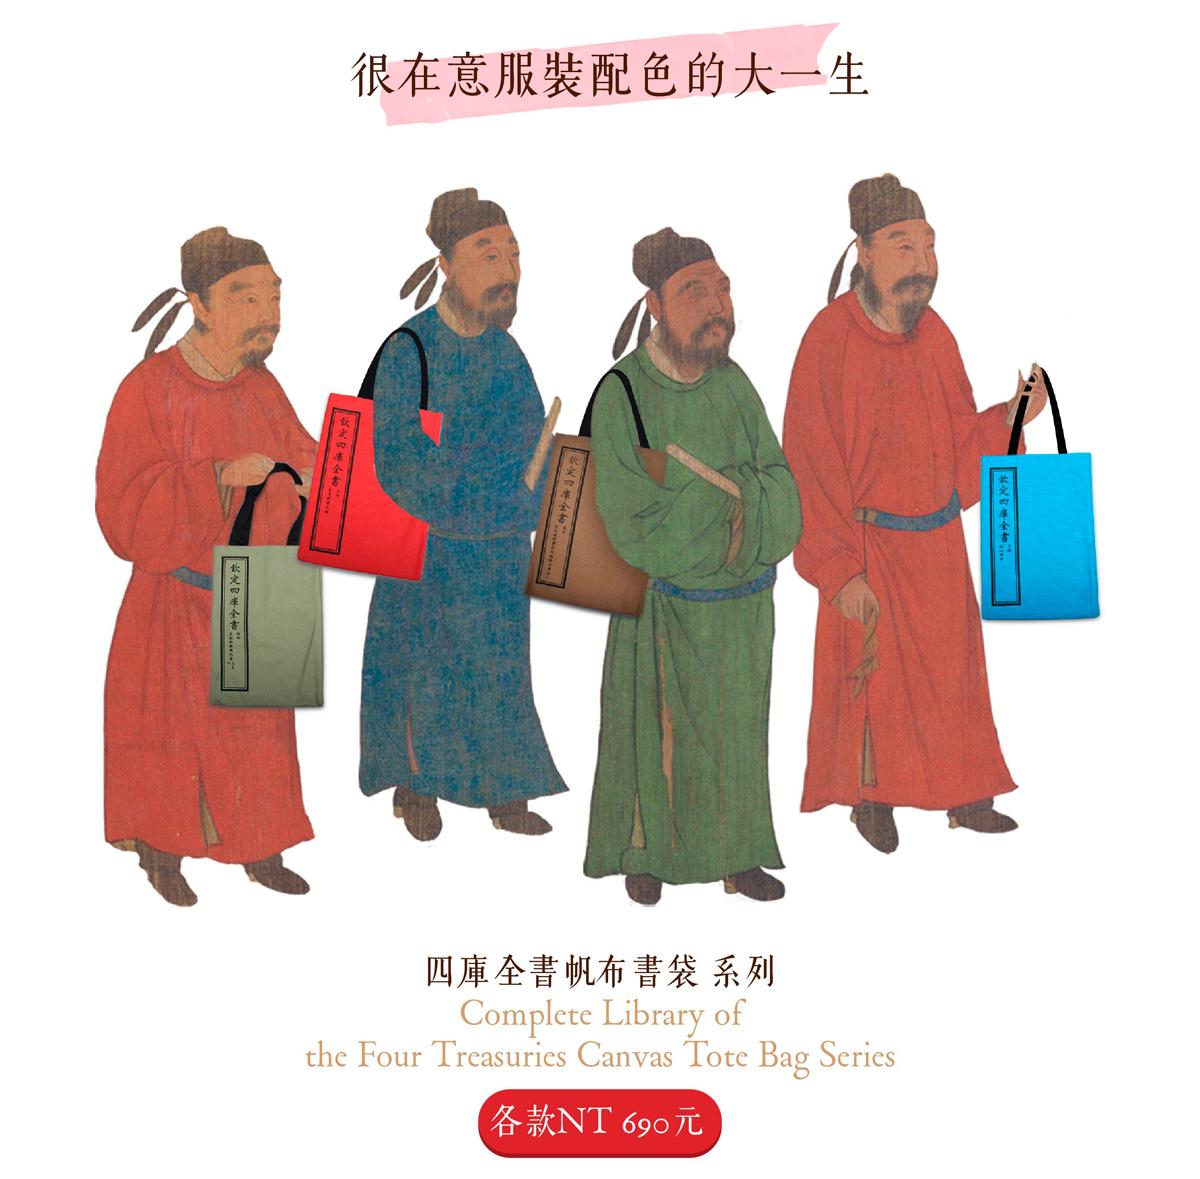 四庫全書帆布書袋 系列 Complete Library of the Four Treasuries Canvas Tote Bag Series